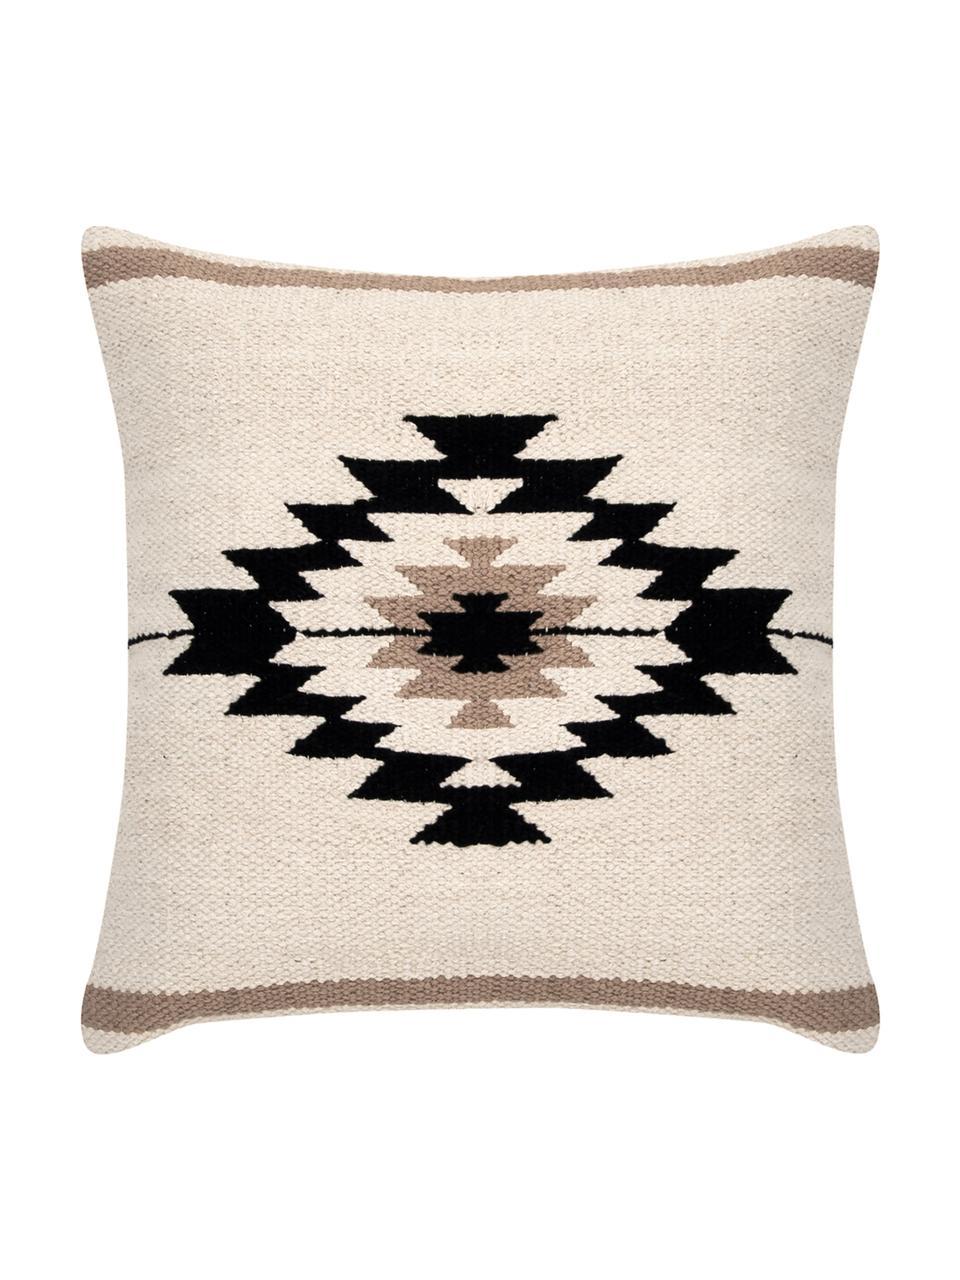 Housse de coussin 45x45 ethnique Toluca, Noir, beige, taupe